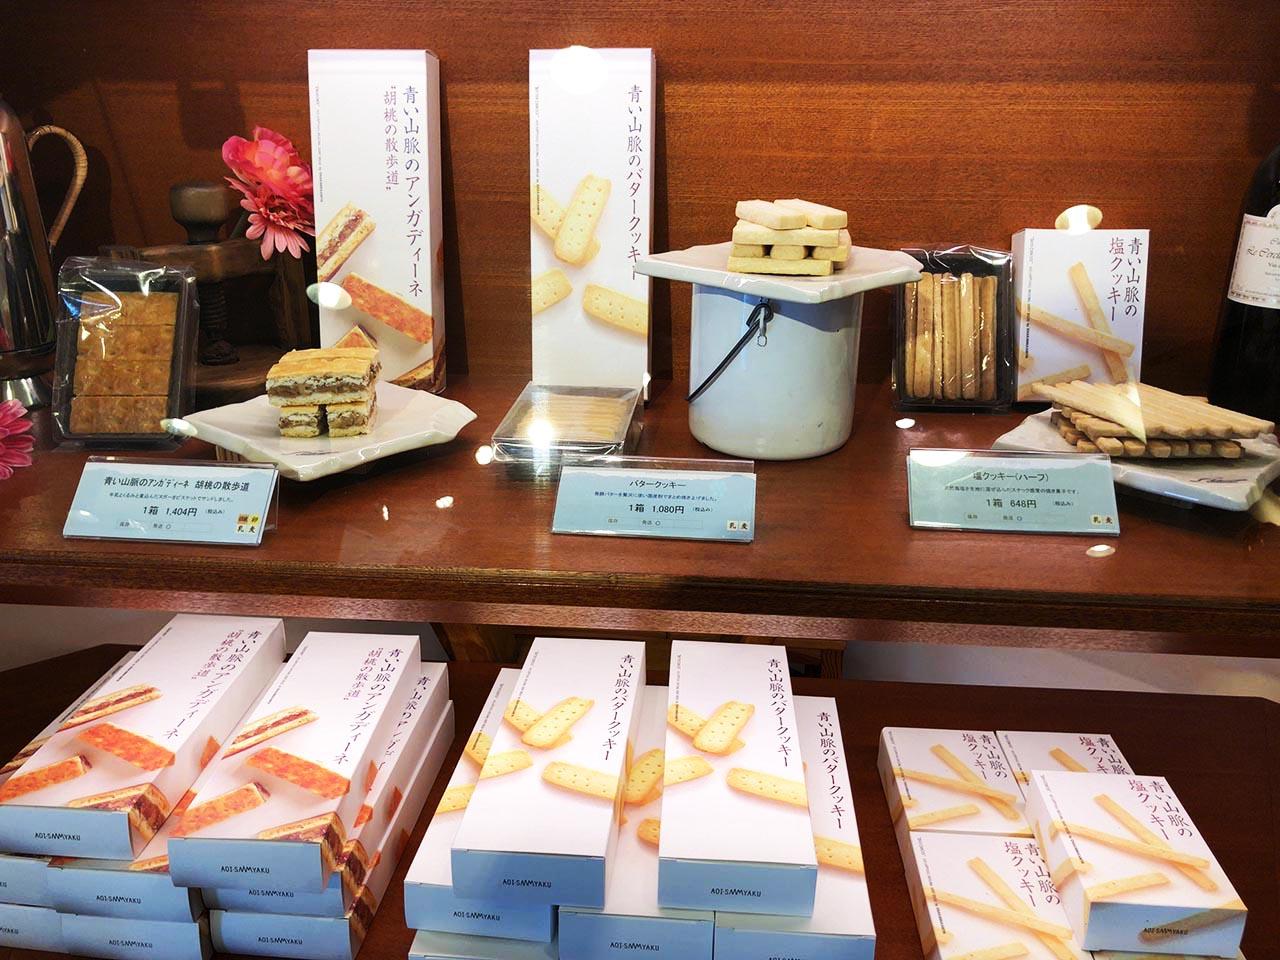 青い山脈をイメージした恵那川上屋中央店の青い山脈バタークッキー